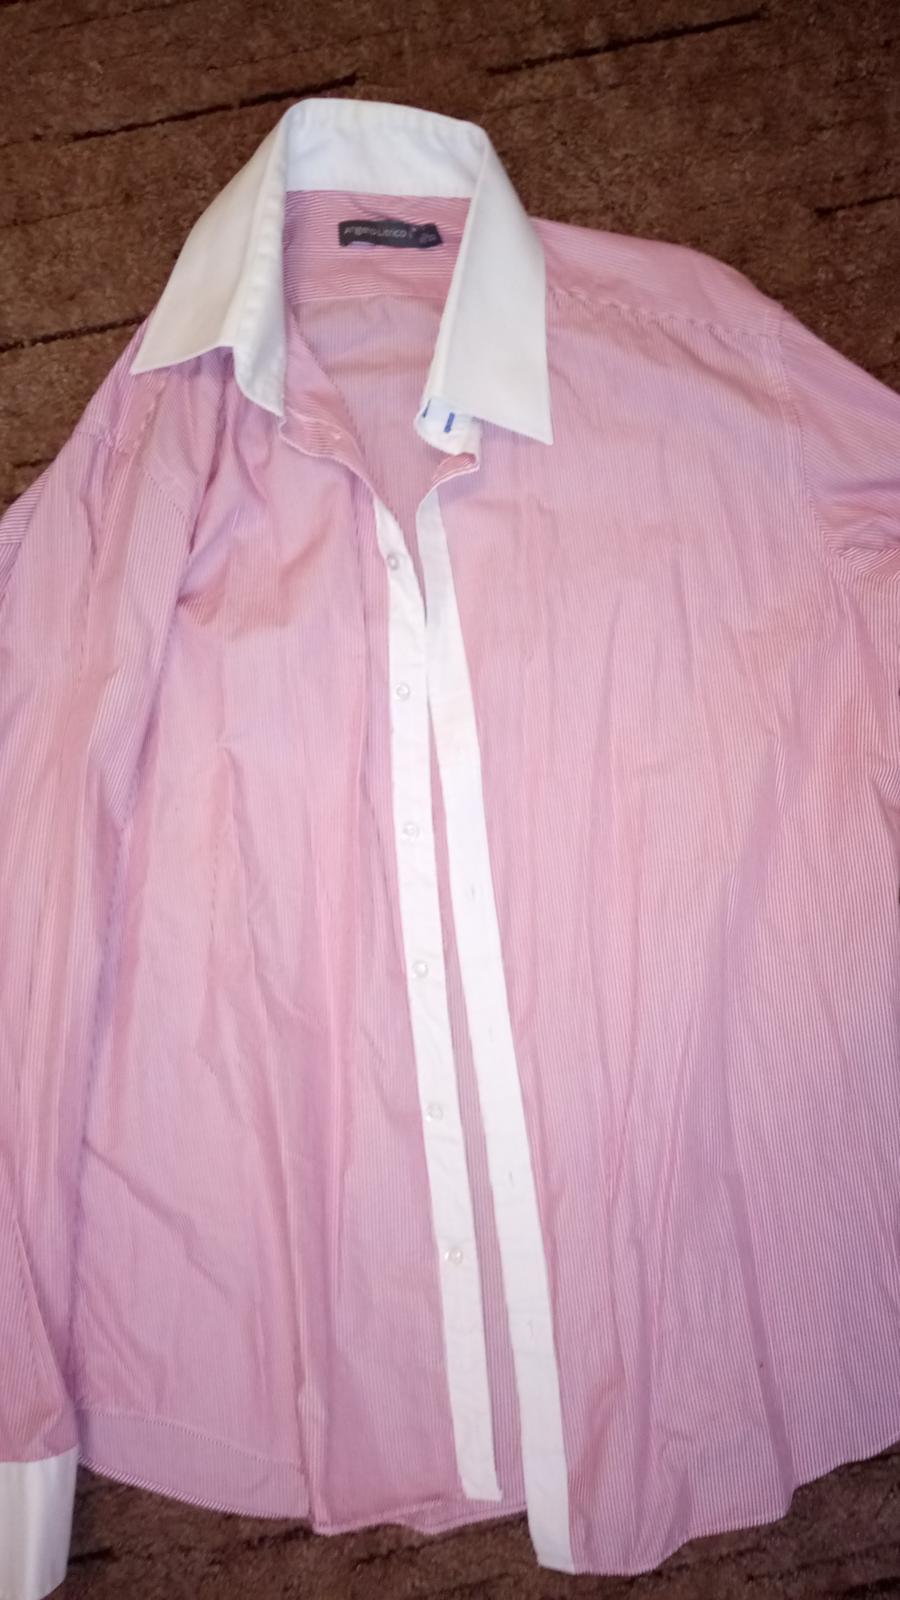 Angelo Litrico ružová košeľa - Obrázok č. 1